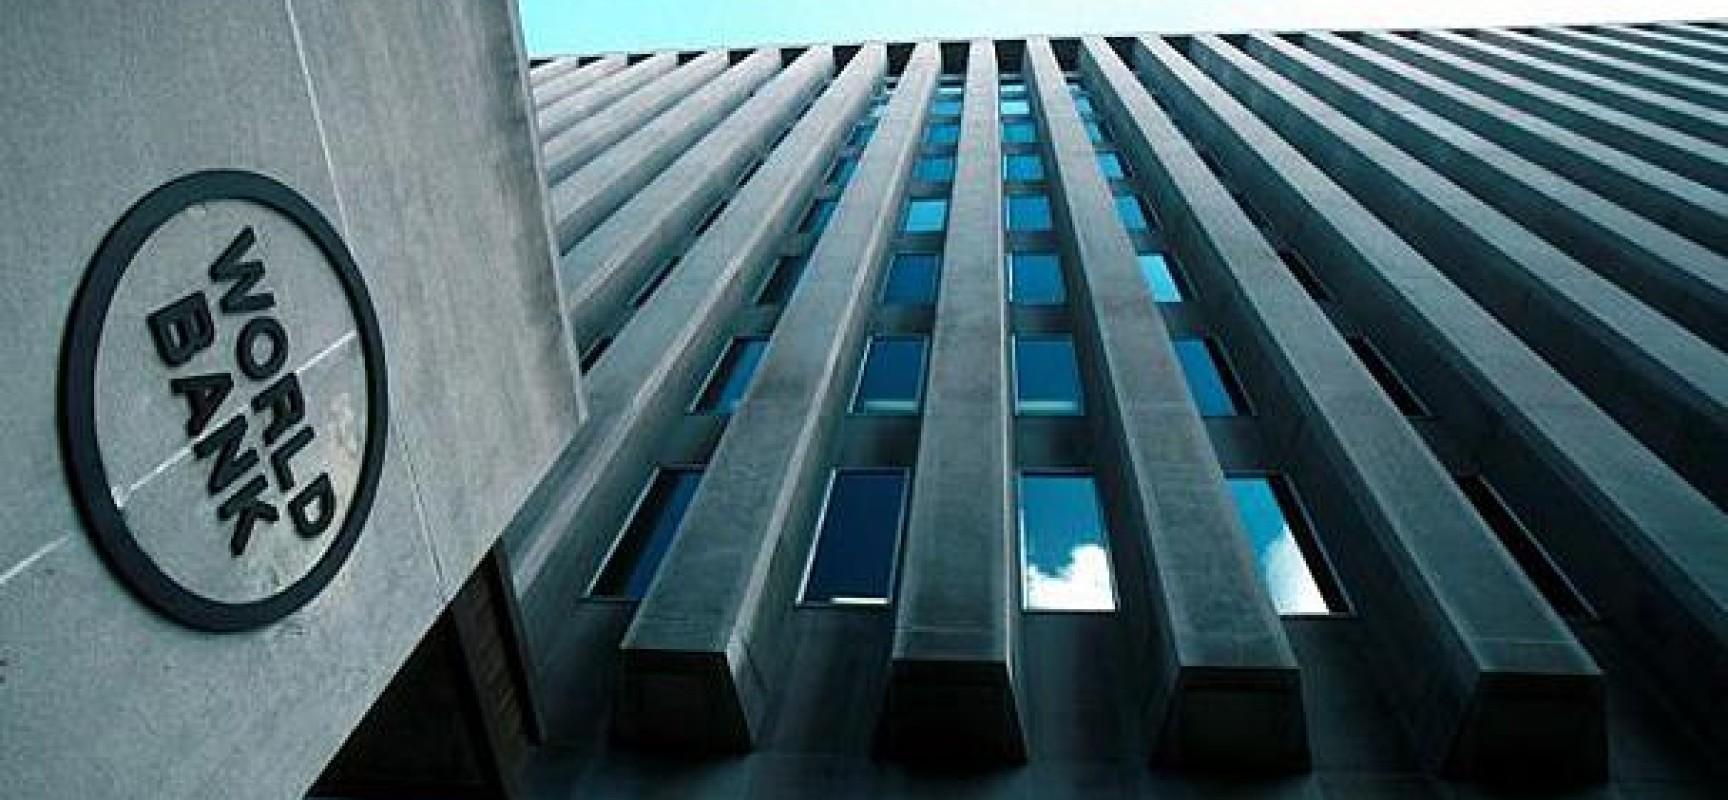 البنك الدولي يؤكد استعداده لمساعدة الحكومة العراقية في إعمار المدن